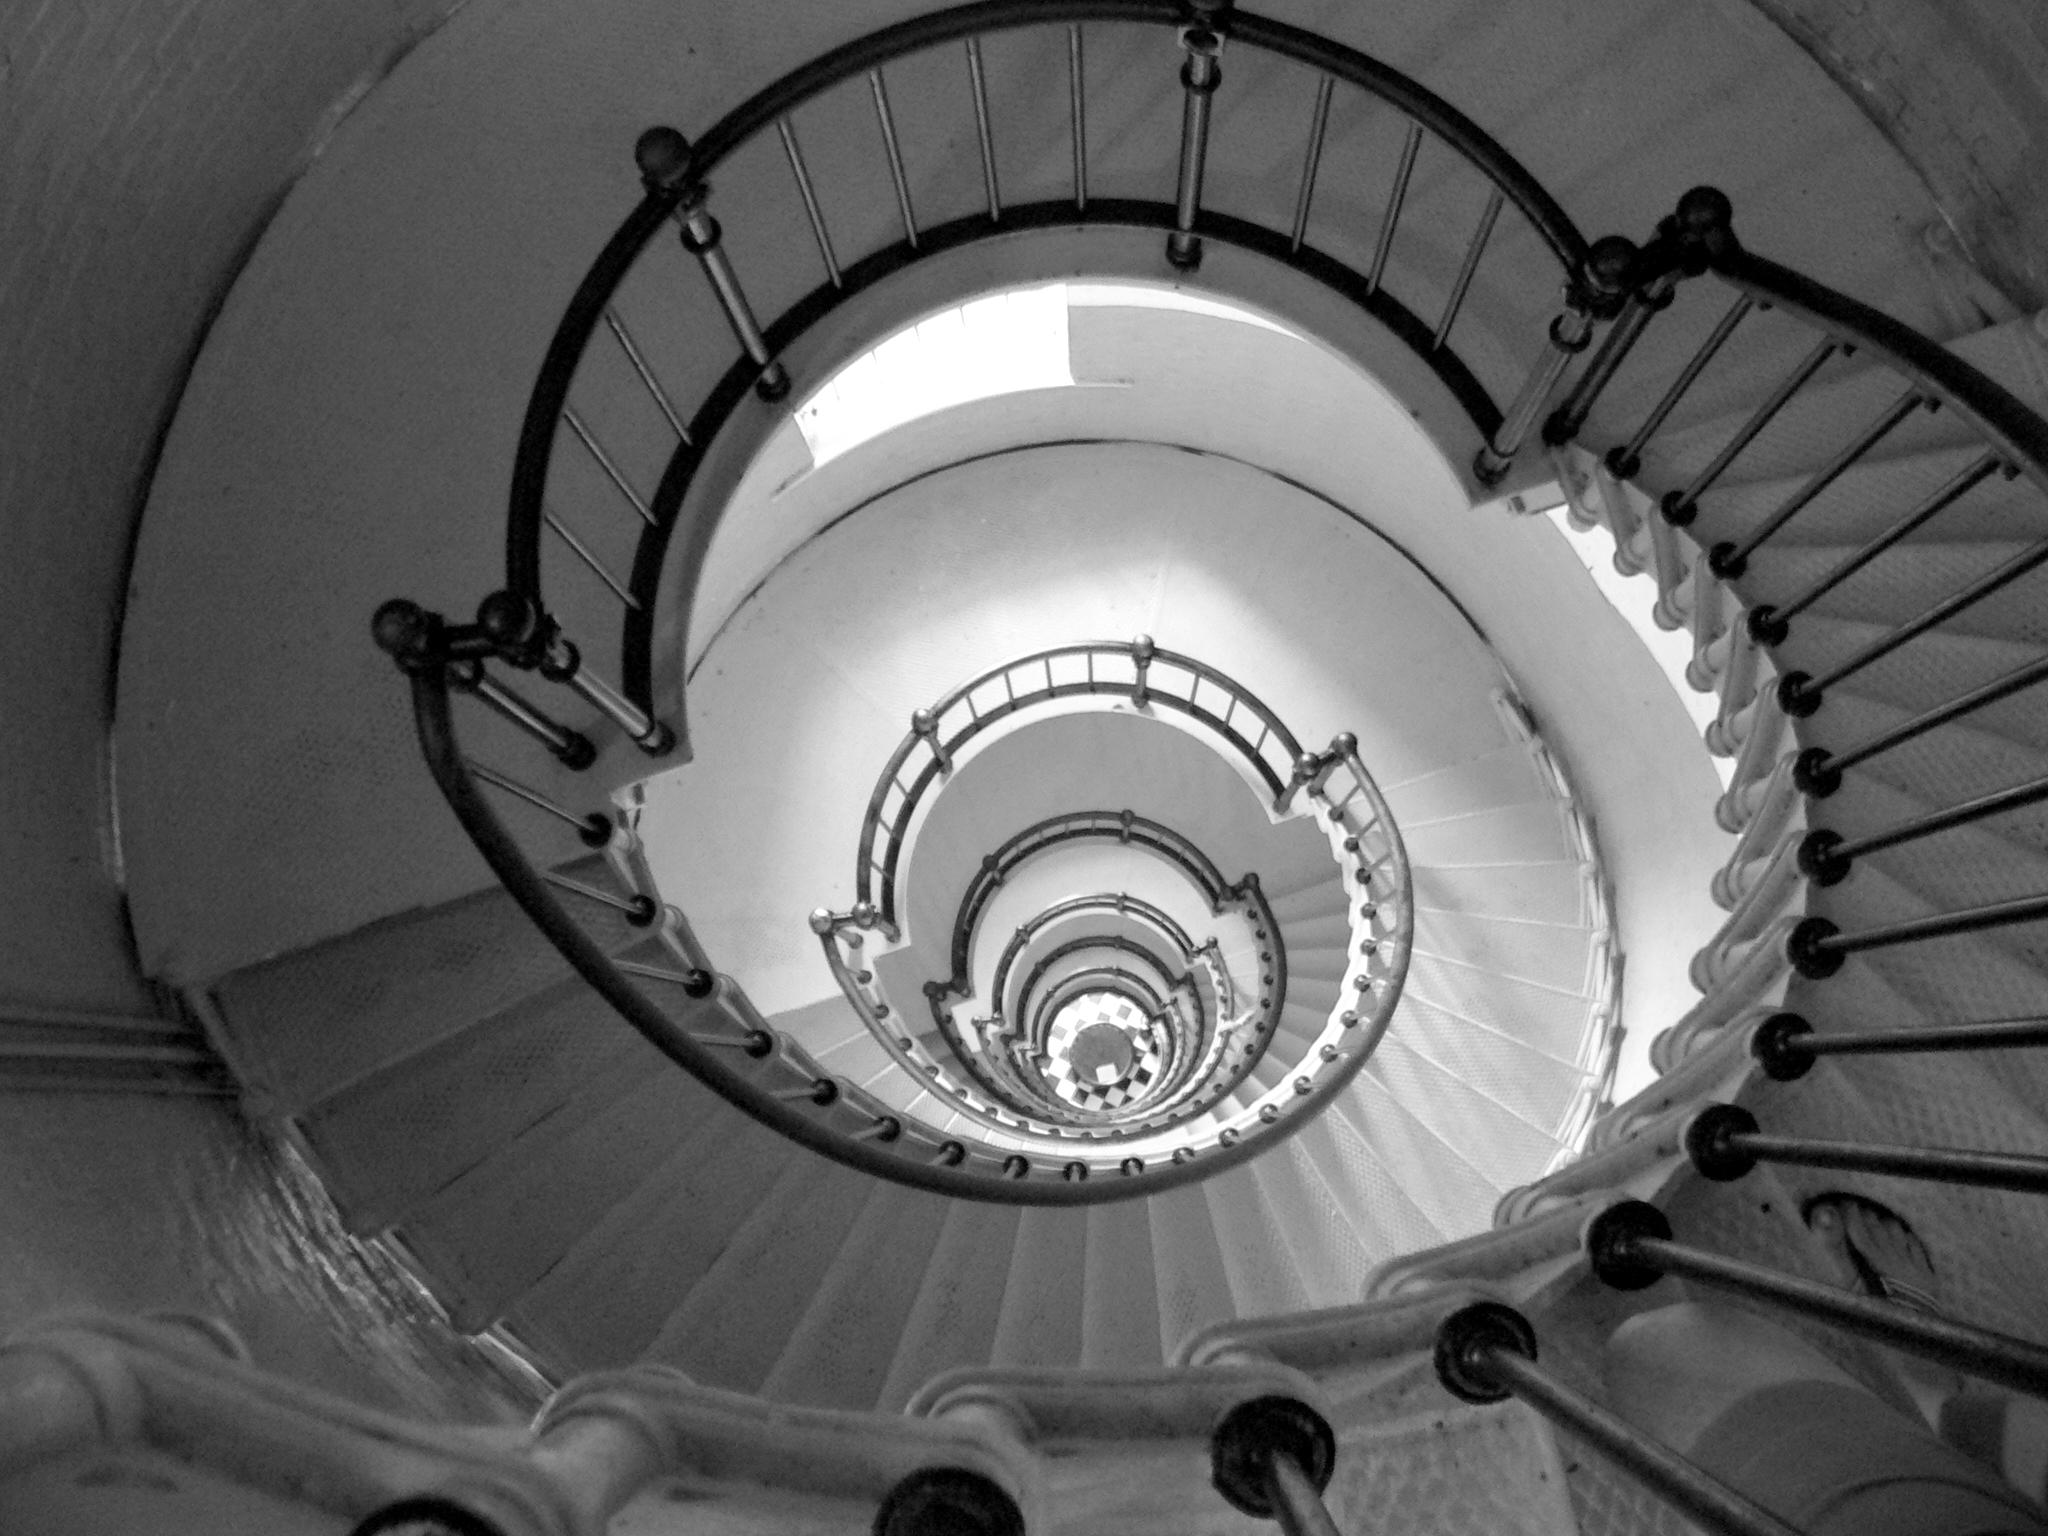 fond d 39 cran vieux monochrome spirale sym trie cercle escalier cambre escaliers. Black Bedroom Furniture Sets. Home Design Ideas